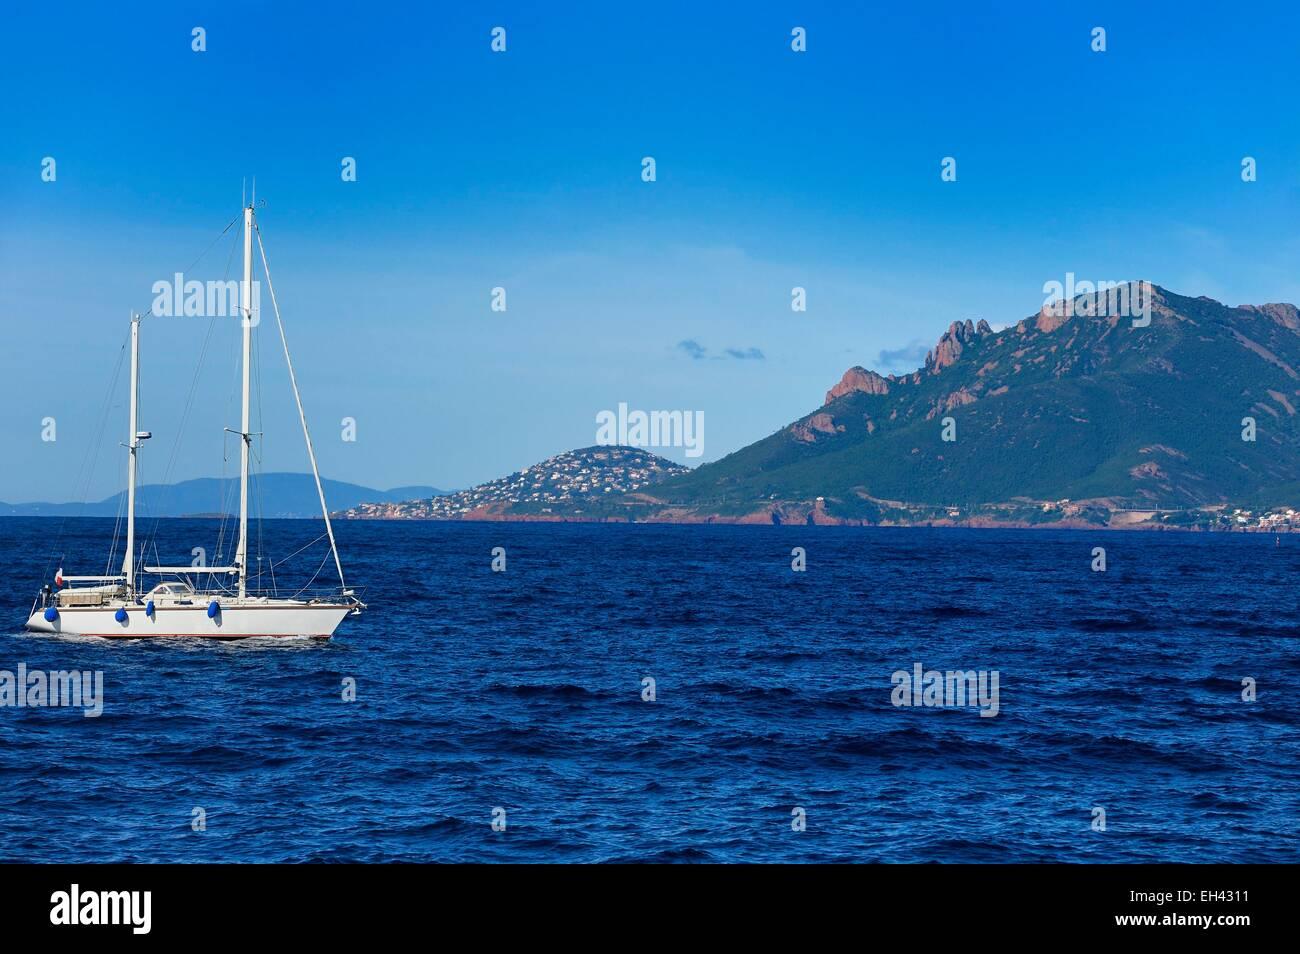 France, Alpes Maritimes, voilier au large des îles de Lérins et l'Estérel à l'arrière Photo Stock